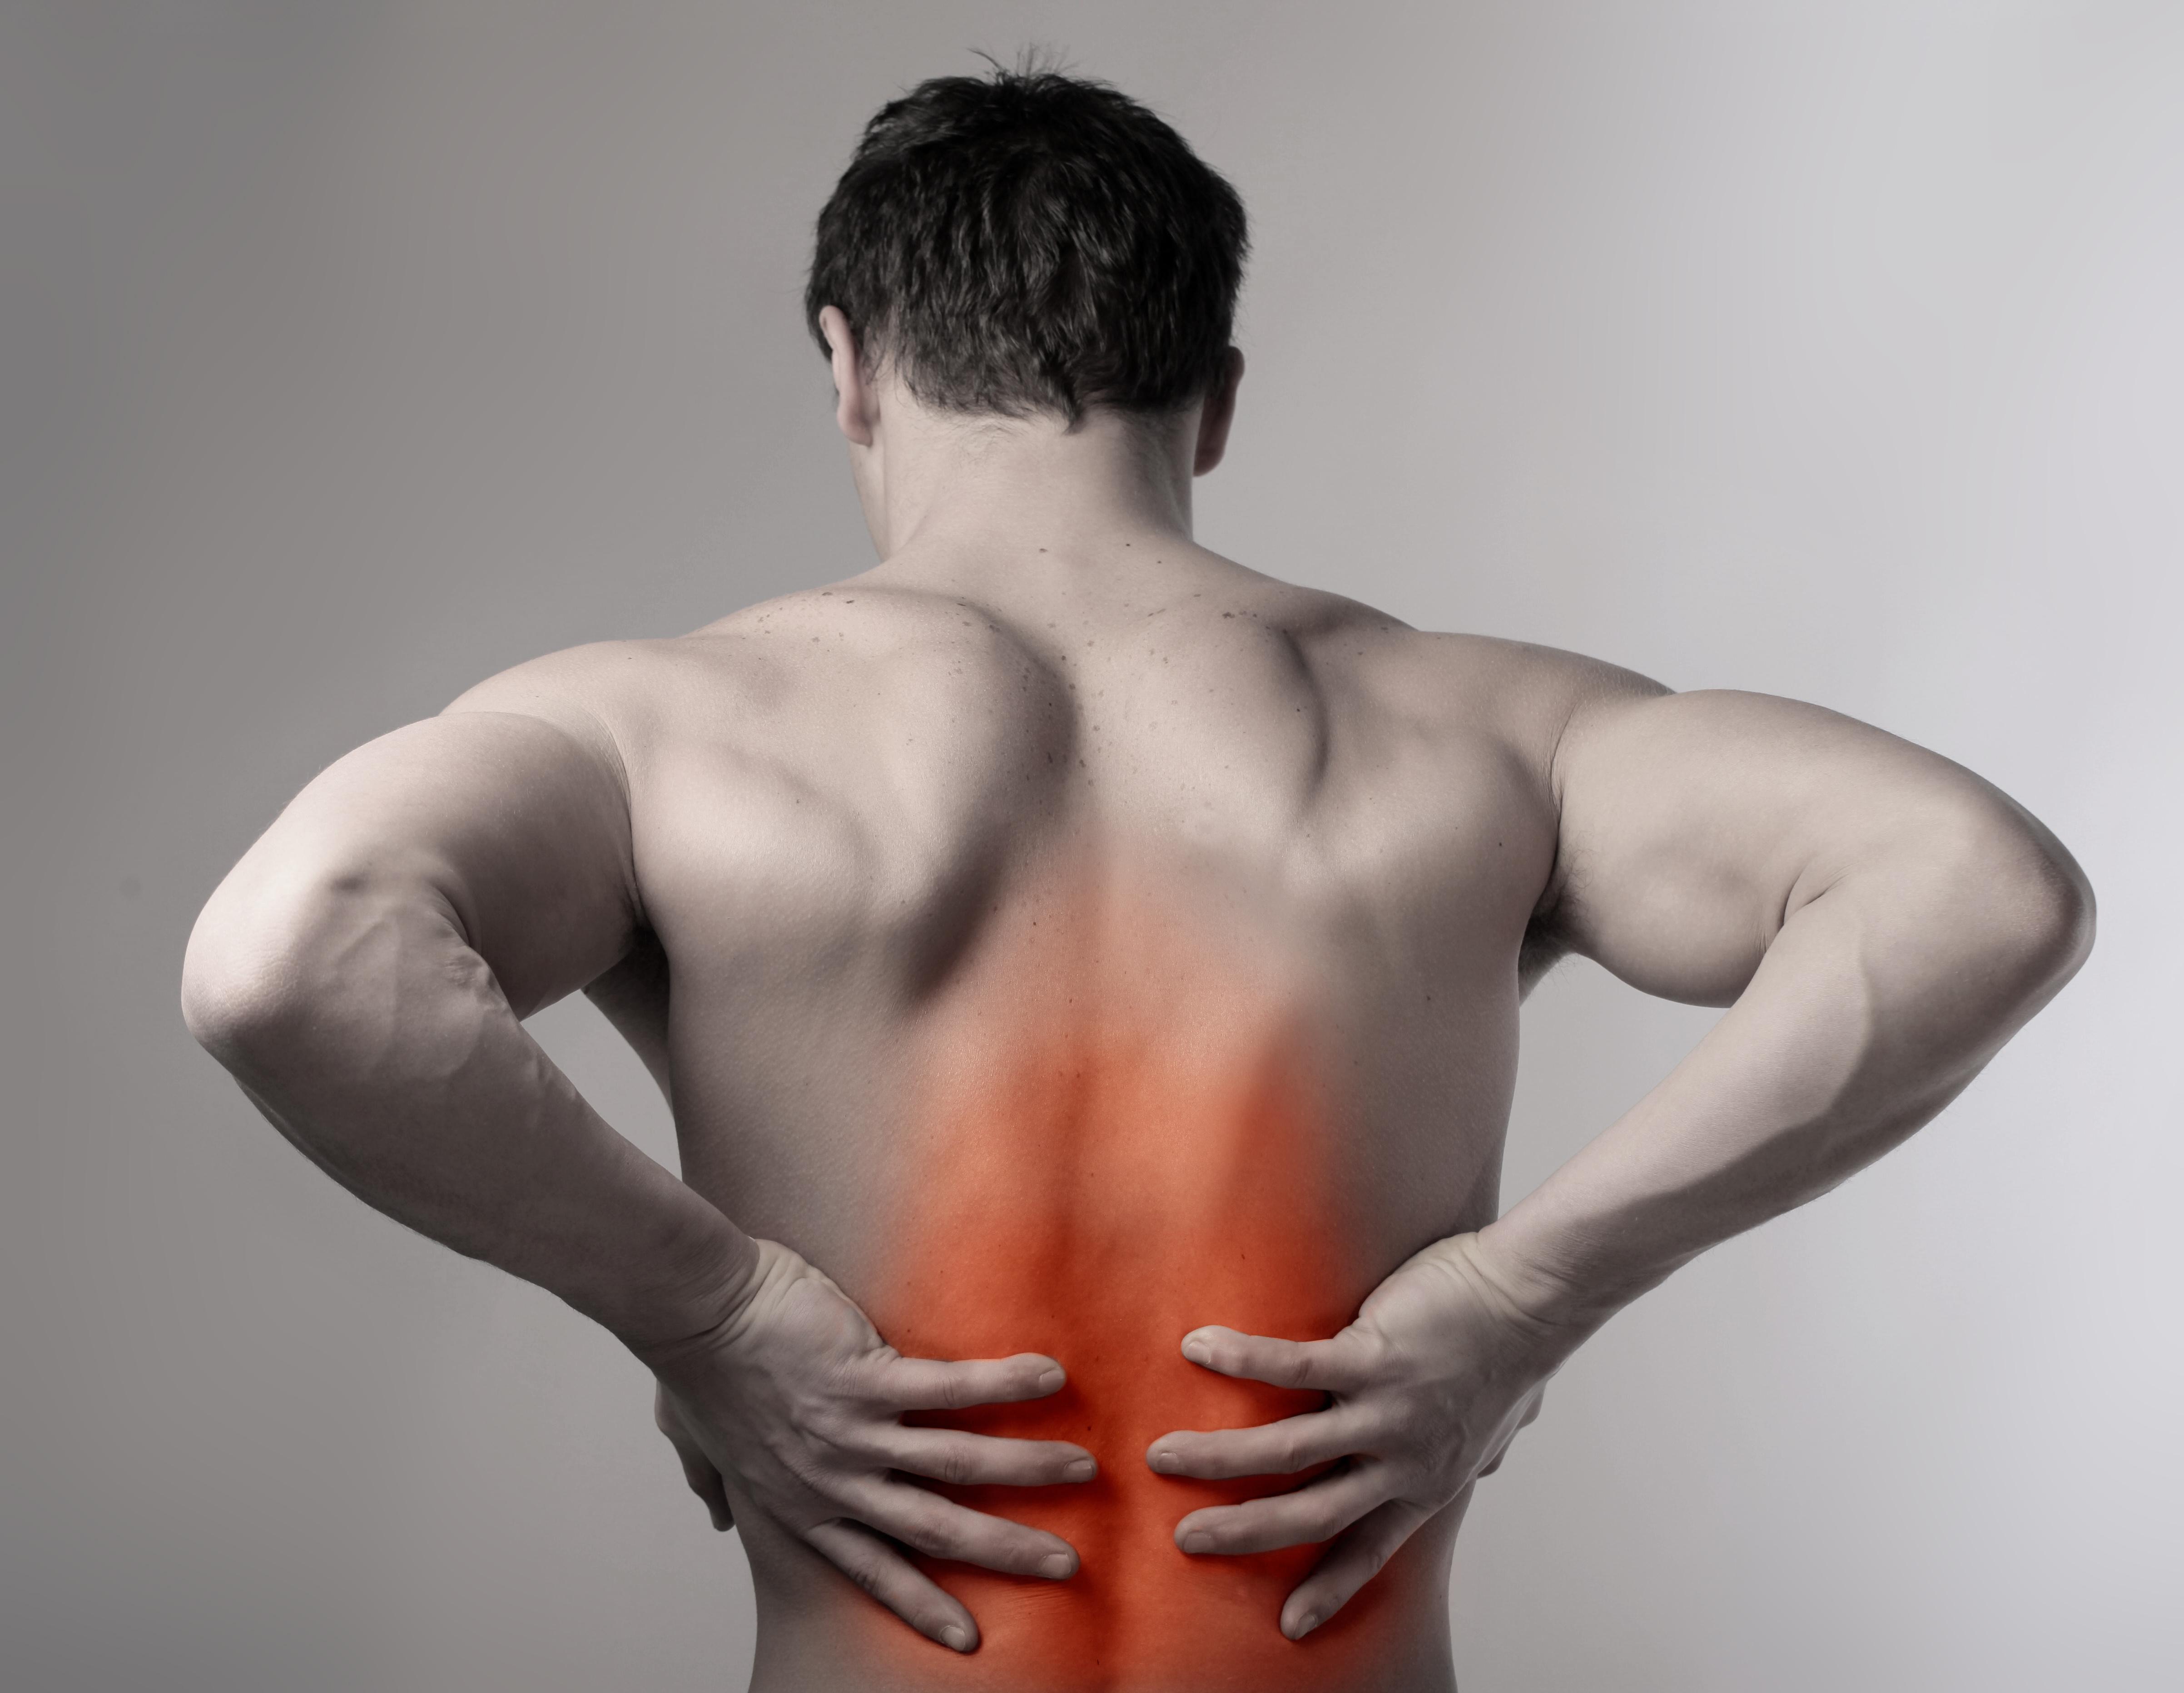 homem com dor devido a Fibromialgia